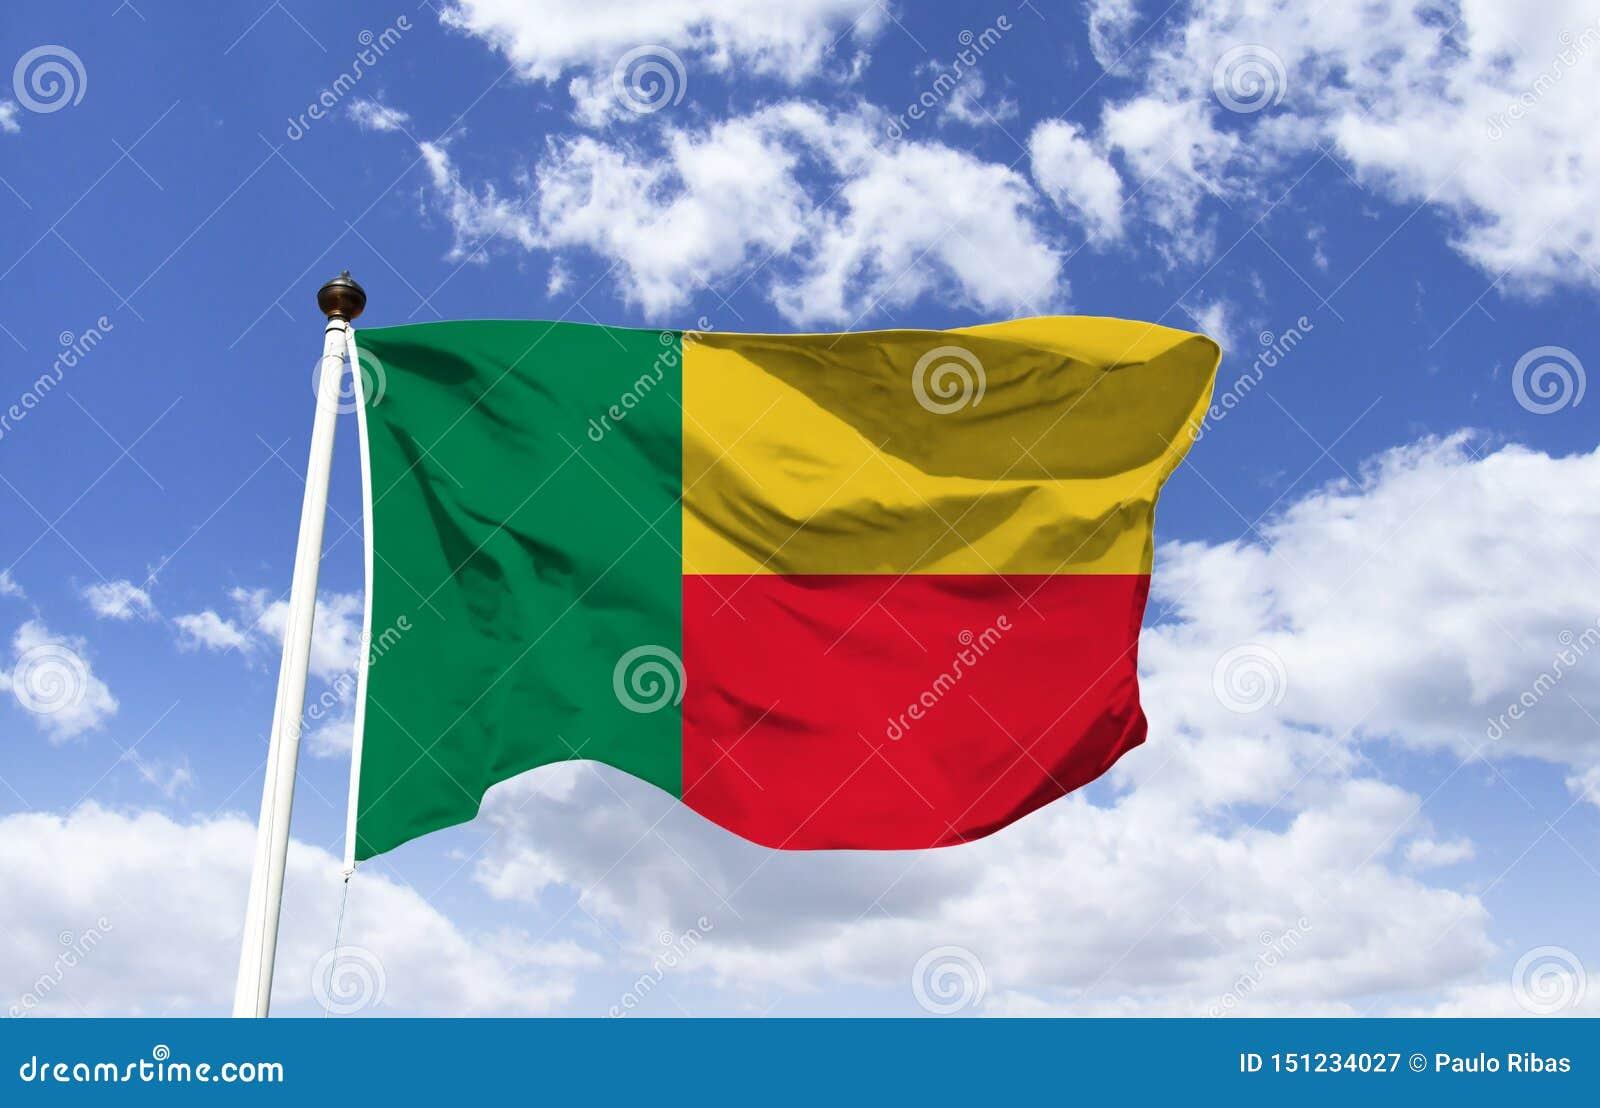 Vlag die van Benin, onder een blauwe hemel fladderen